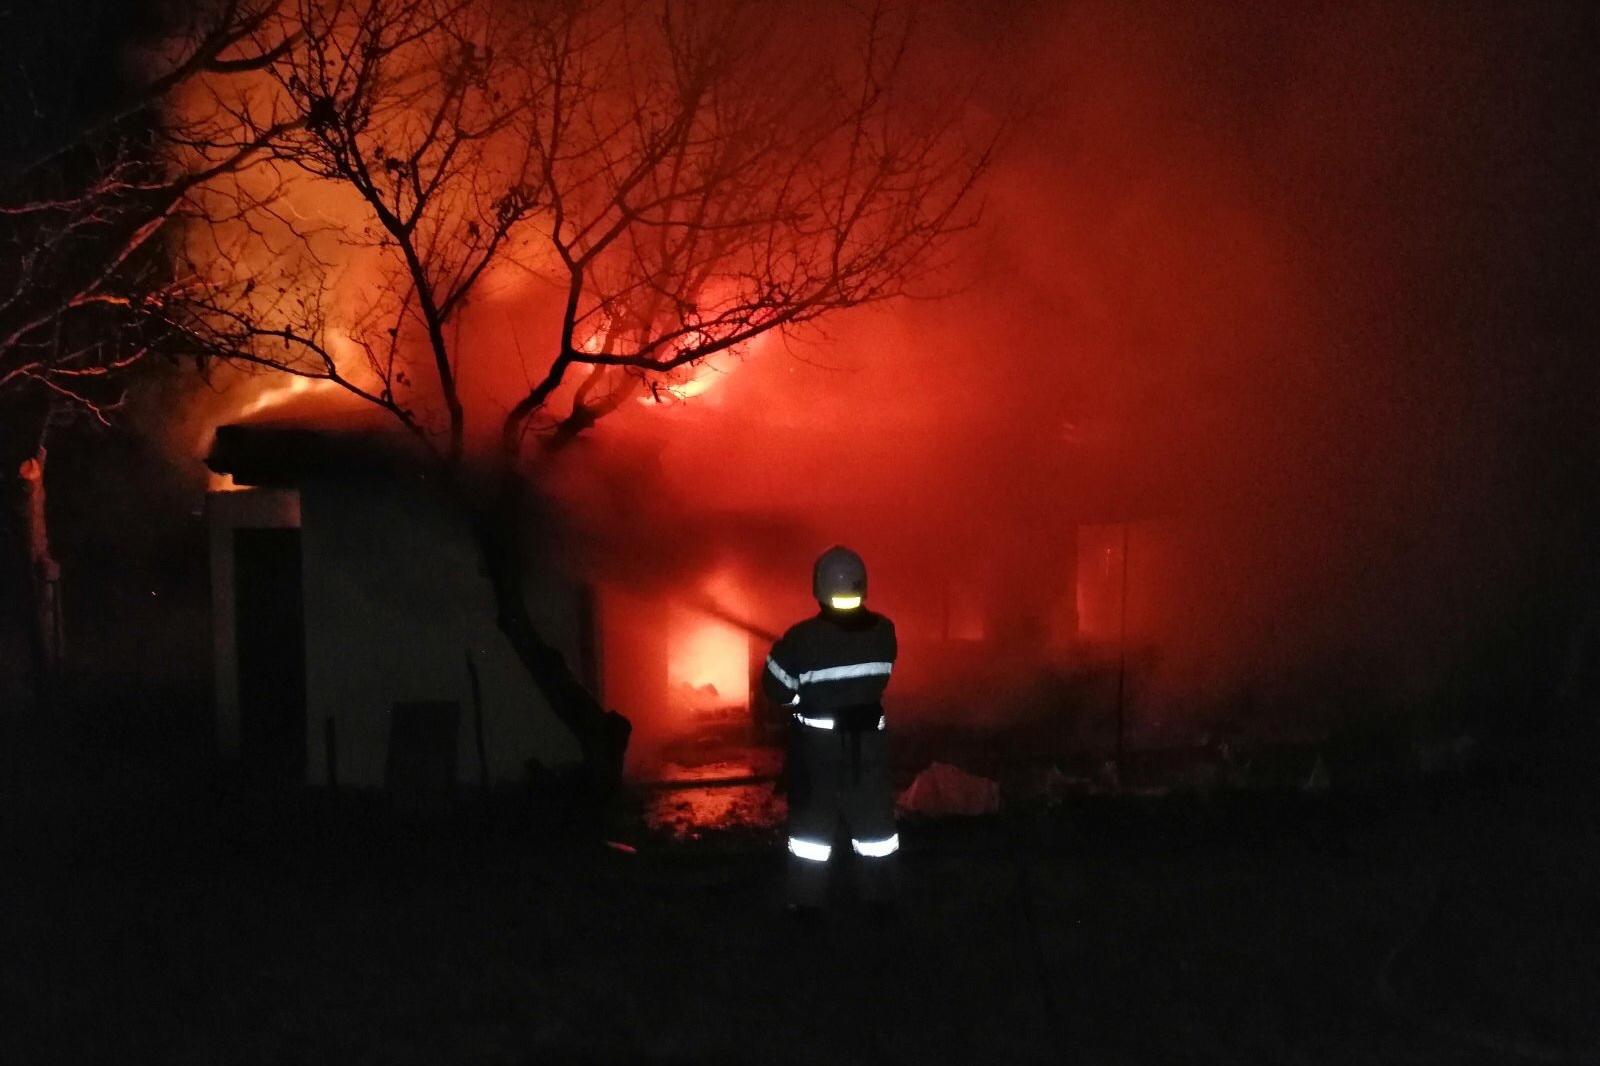 На сгоревшей даче обнаружен мертвый человек (фото)